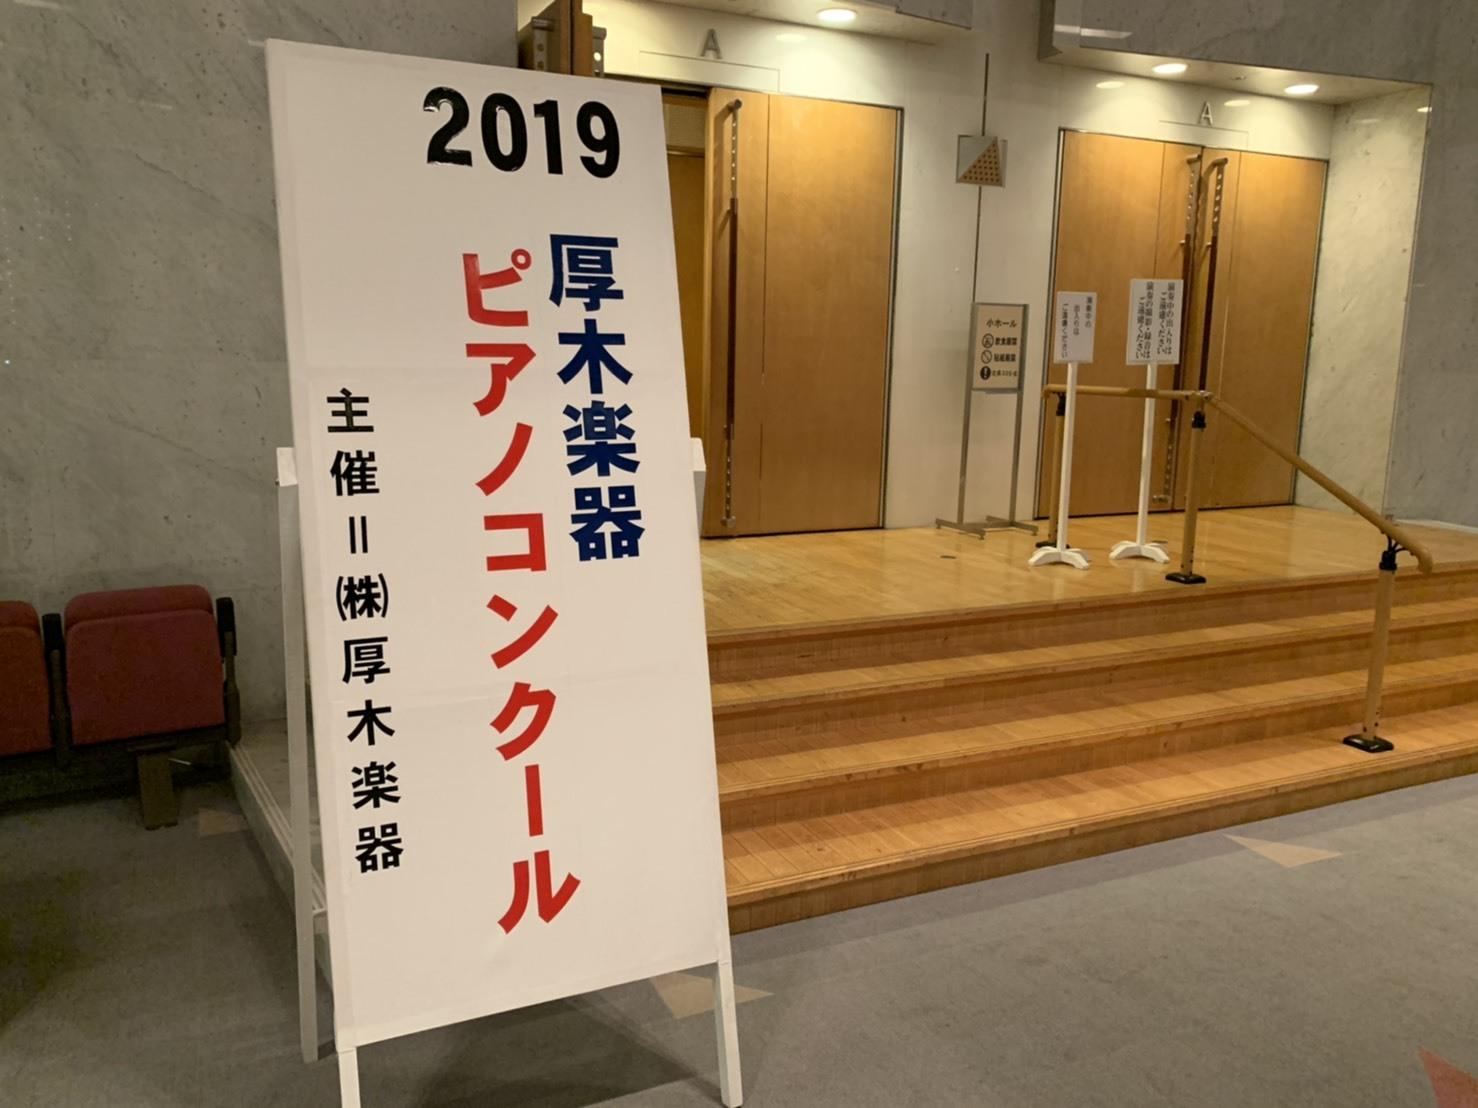 2019年 第16回 厚木楽器ピアノコンクール 本選受賞者紹介♪ - 厚木楽器 わくわく教室日記